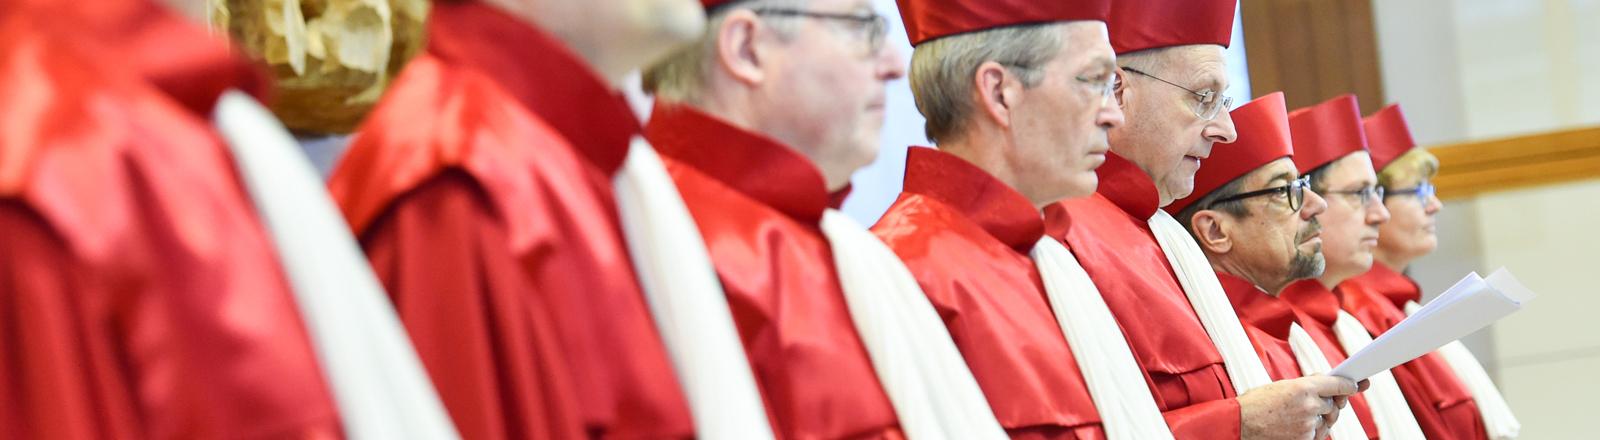 Der Erste Senat des Bundesverfassungsgerichts  verliest am 17.12.2014 in Karlsruhe im Sitzungssaal des Bundesverfassungsgerichts das Urteil.